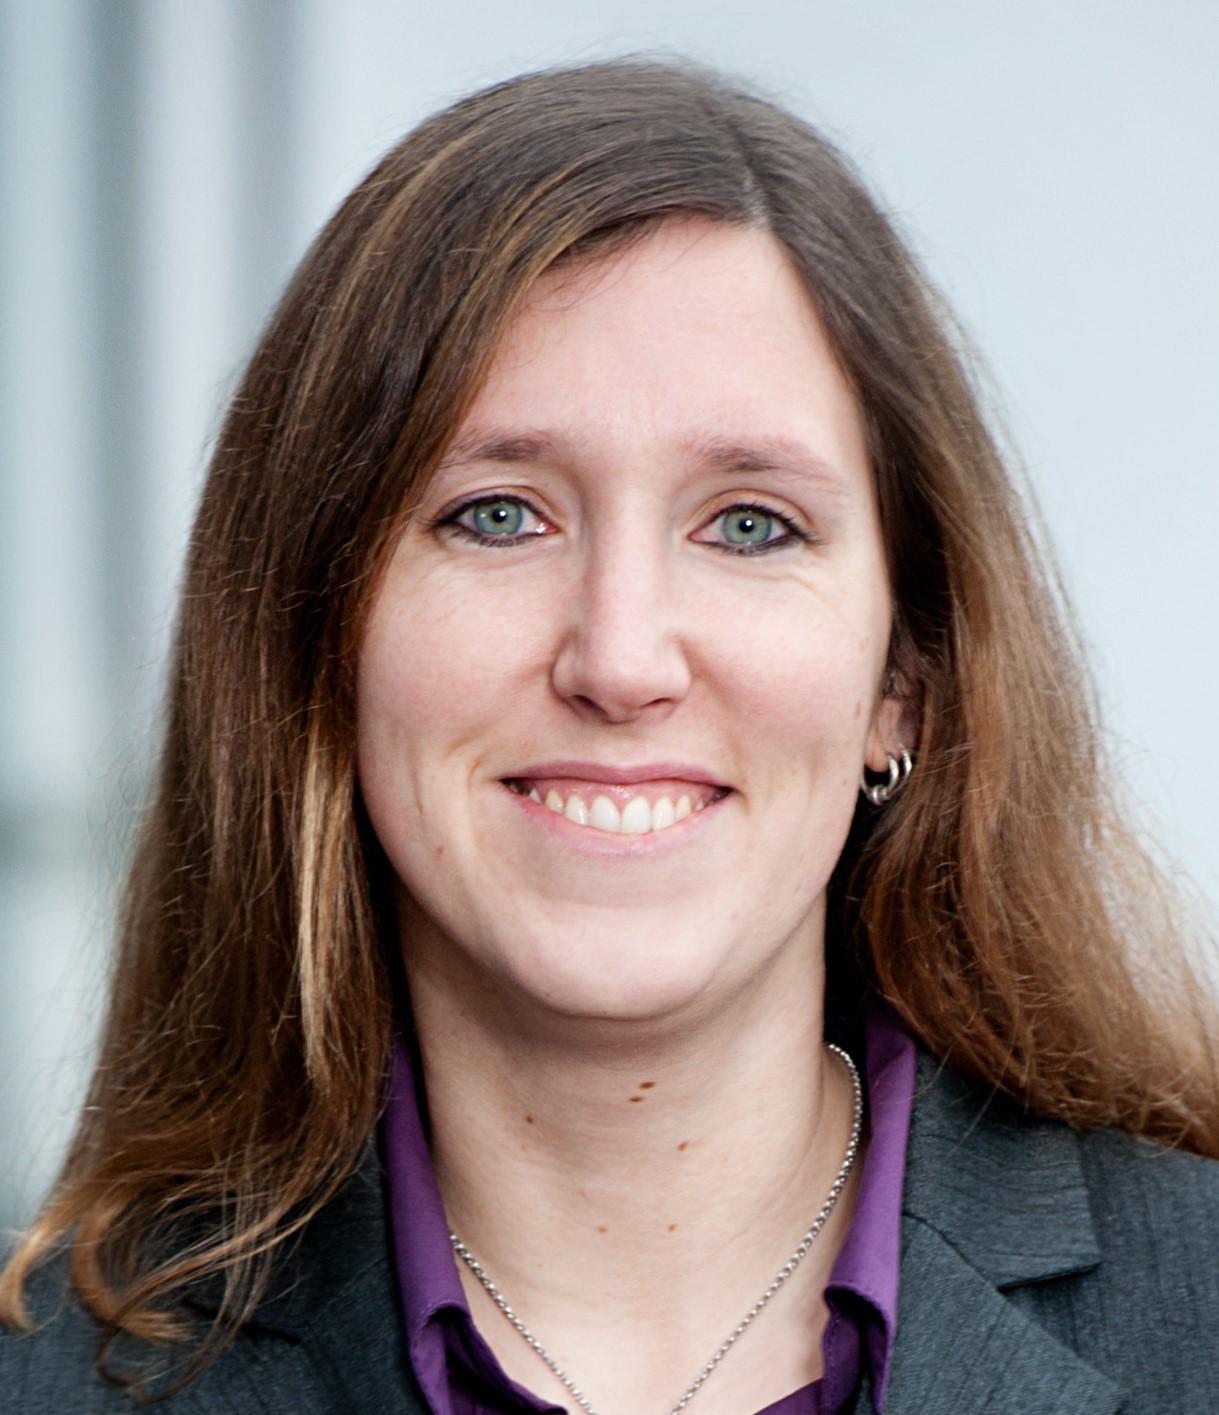 Dr. Simone Krafft